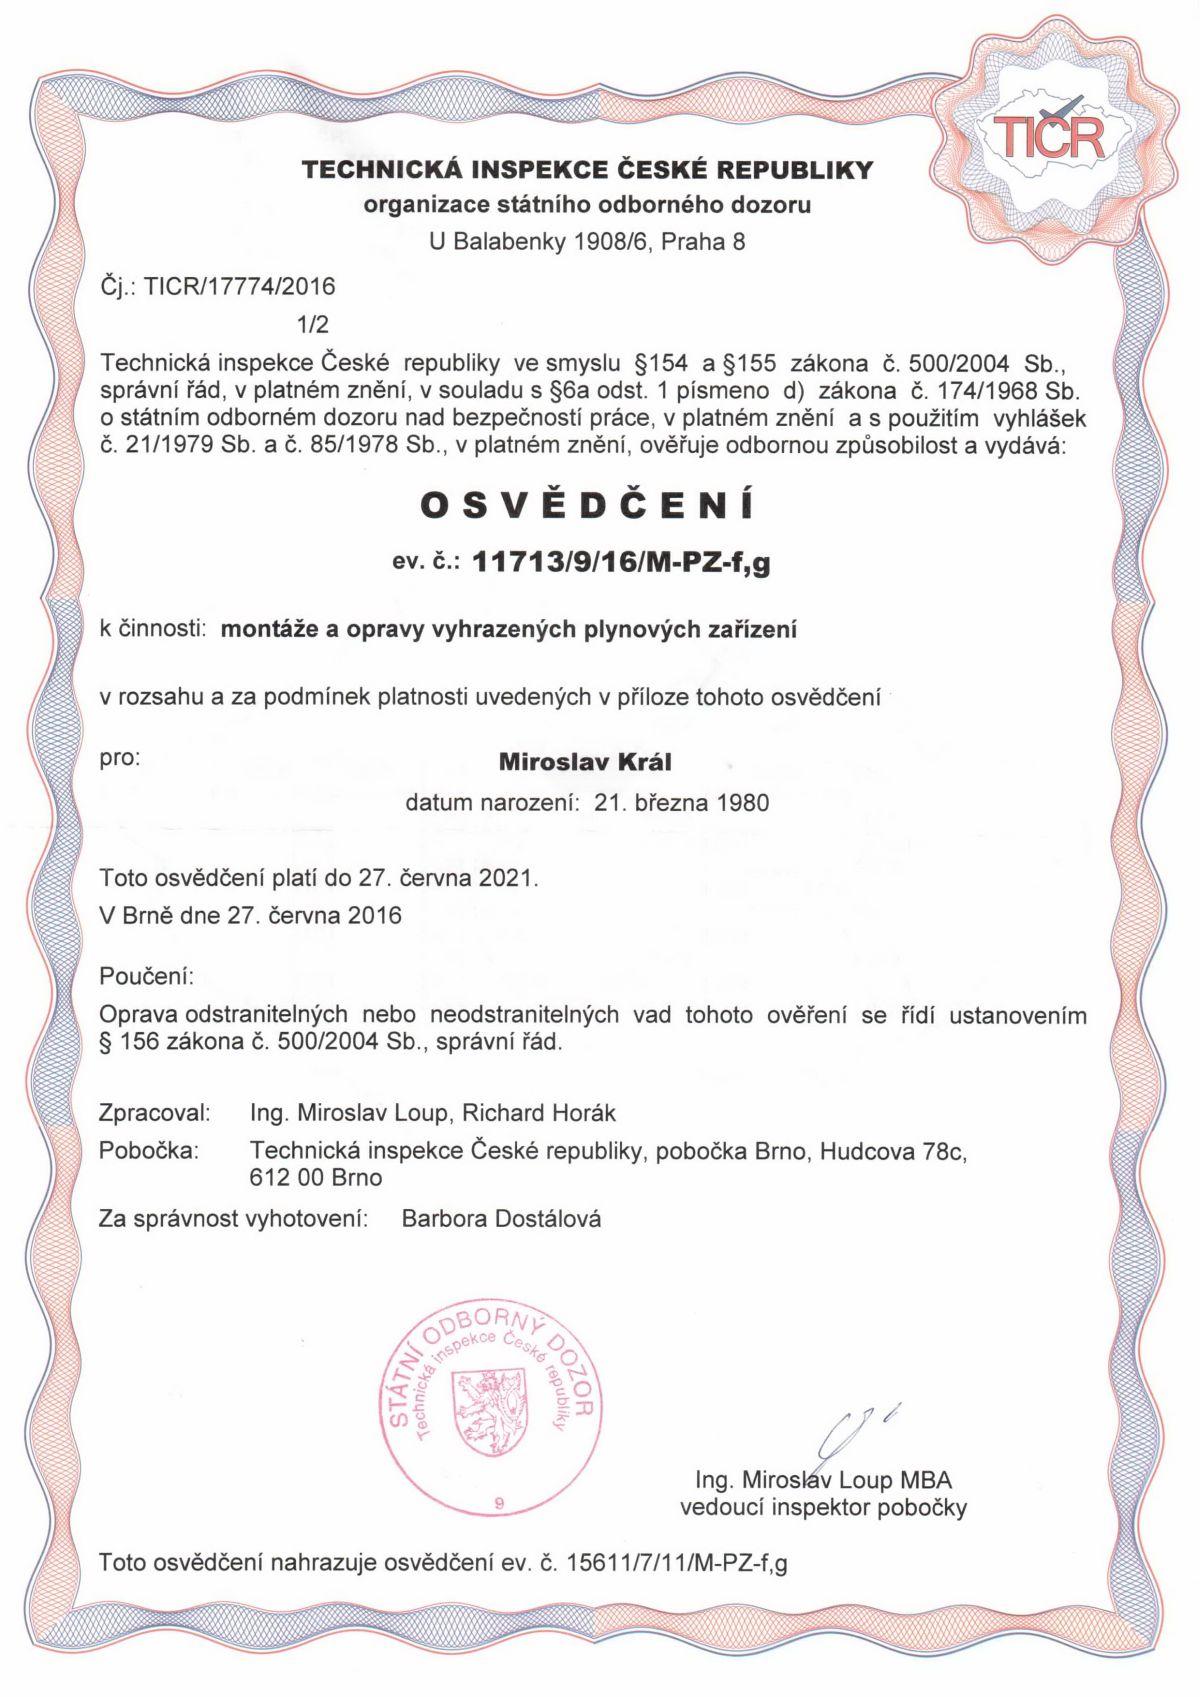 Certifikáty / Plynová zařízení 3